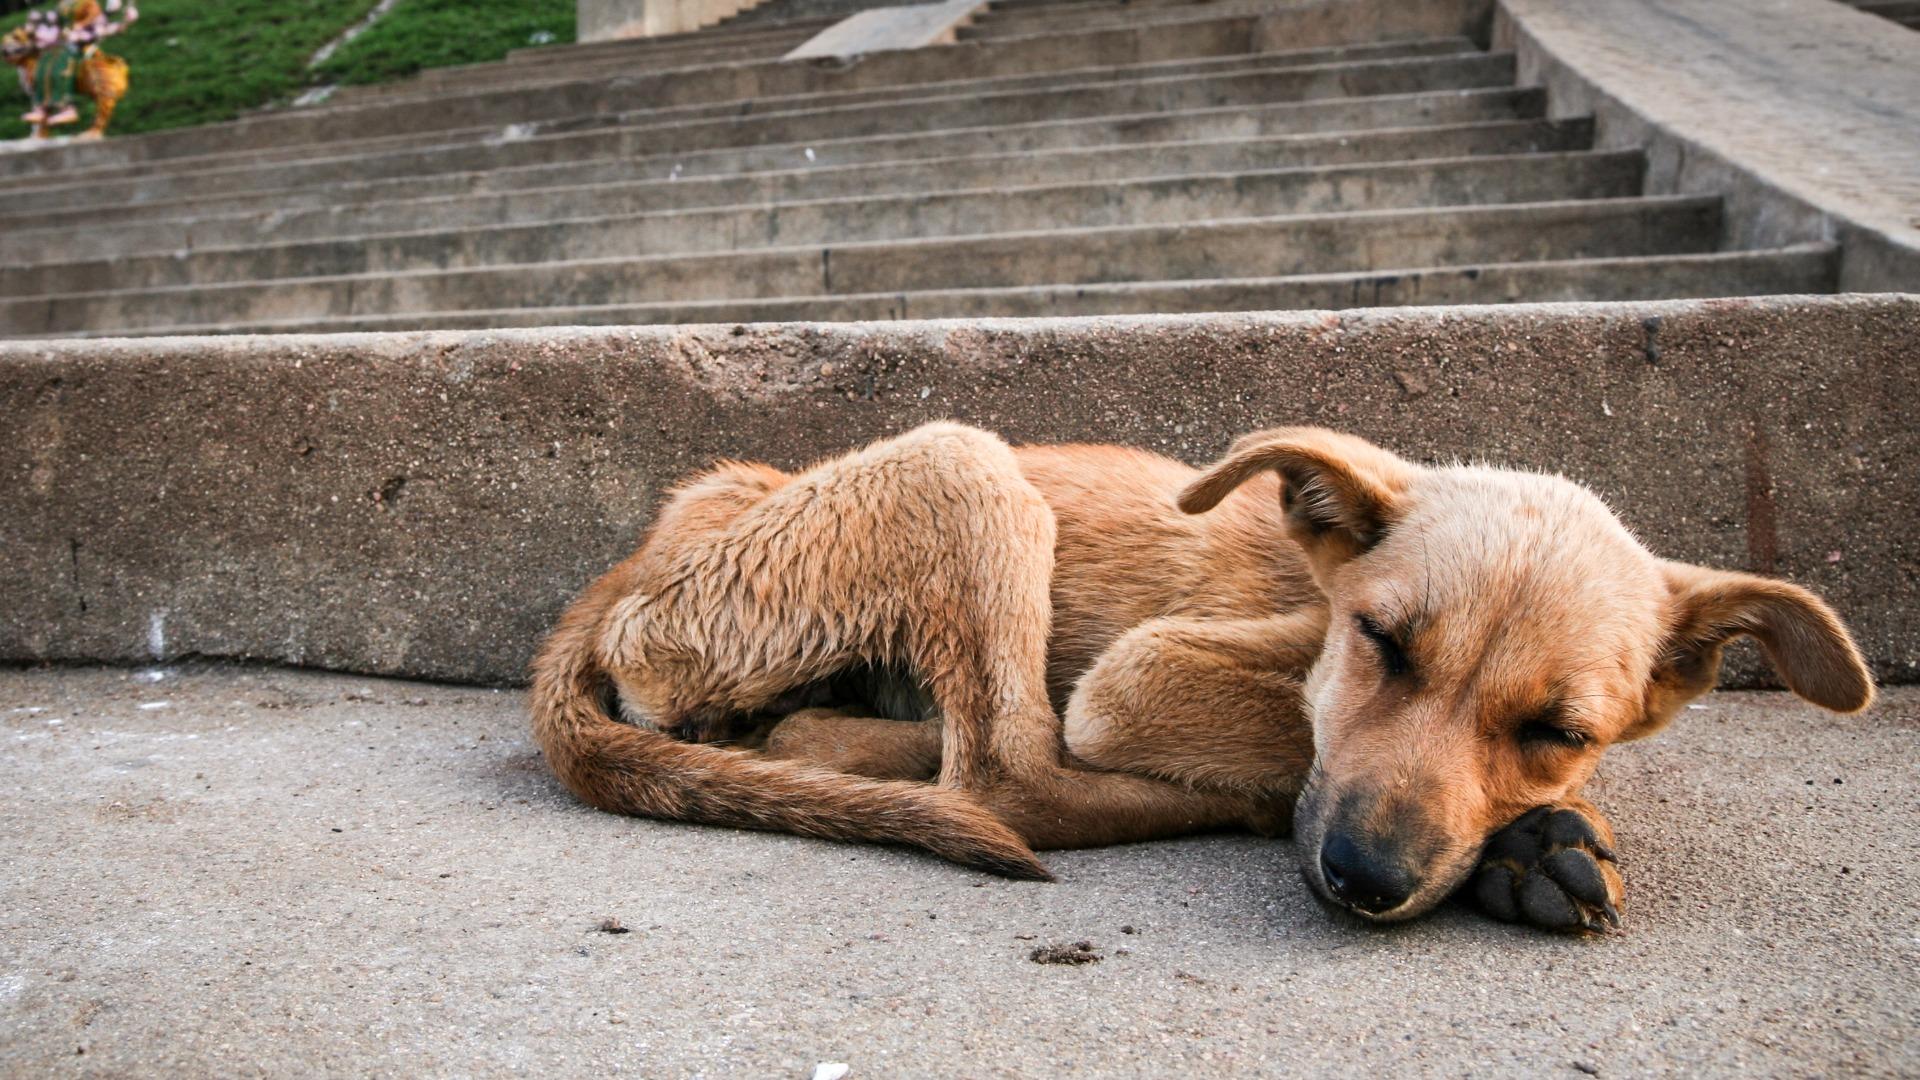 HESY:n tapahtumassa kotia etsivät myös rescue-koirat, joita yhdistykset välittävät ulkomailta.